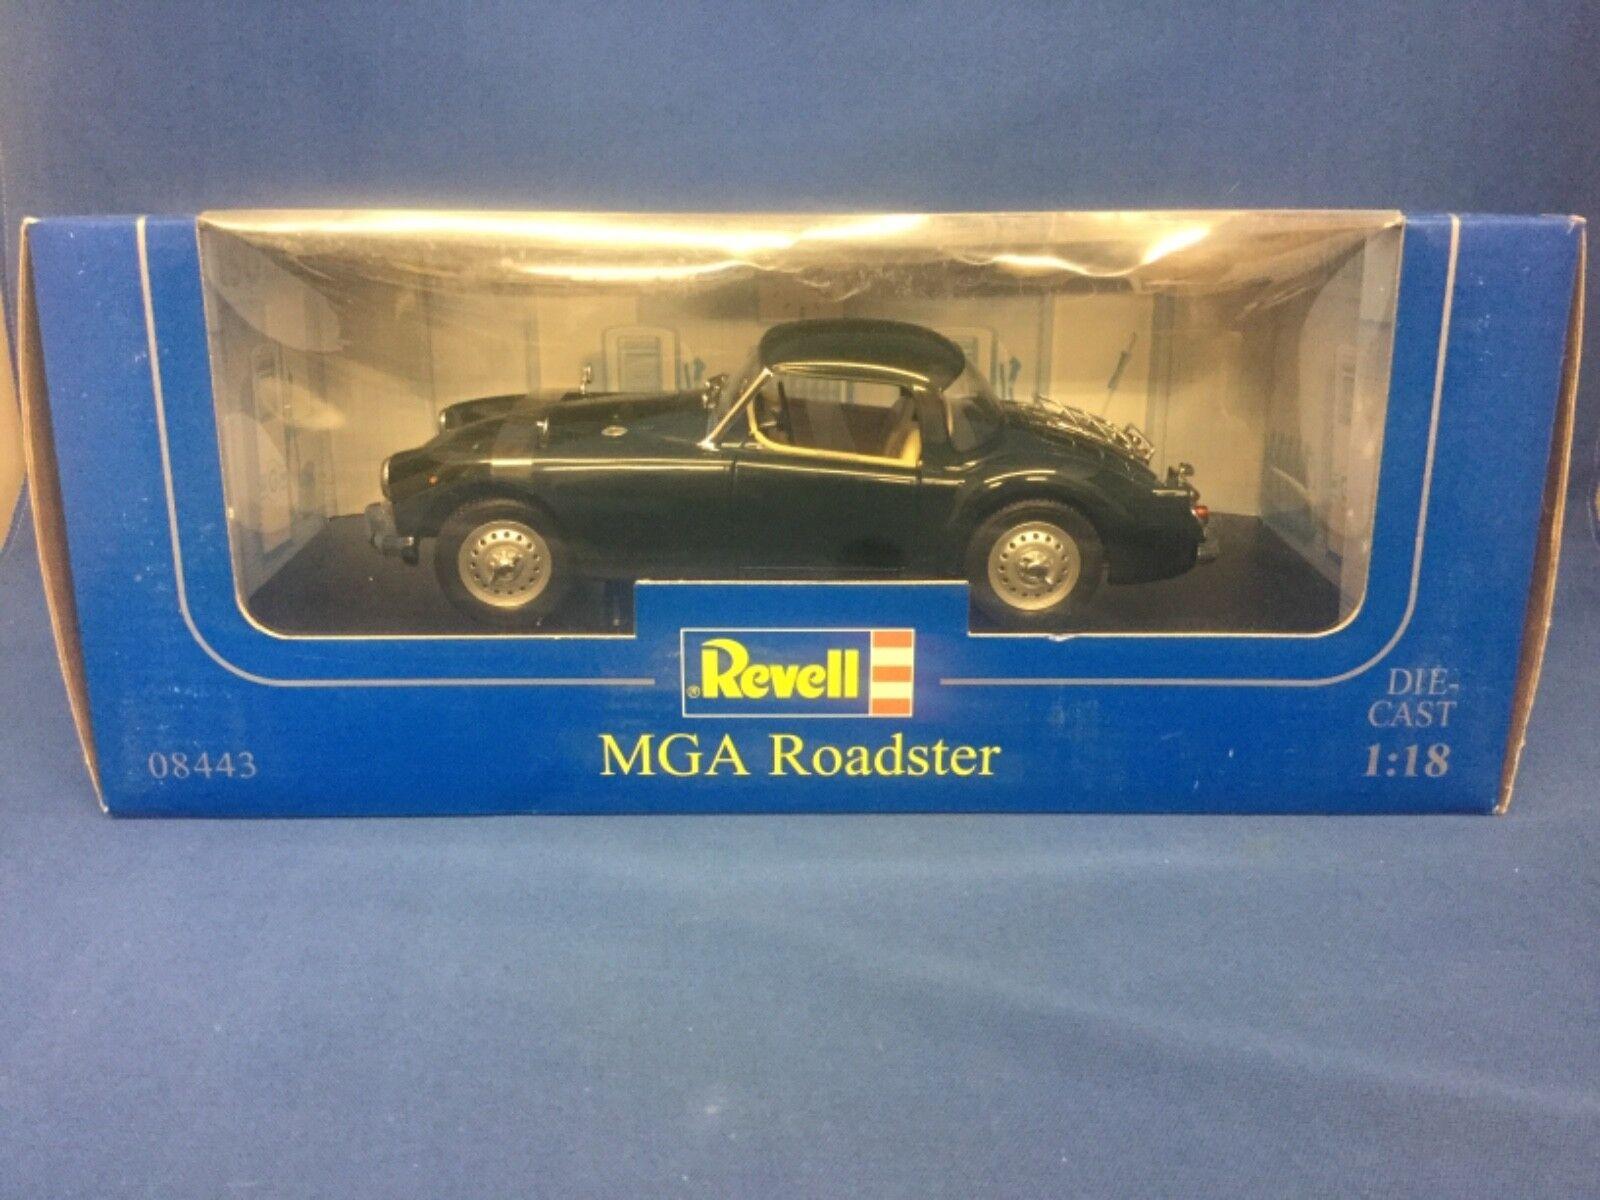 Revell Modelo MGA Roadster 1 18th escala número de artículo 08443 En Caja